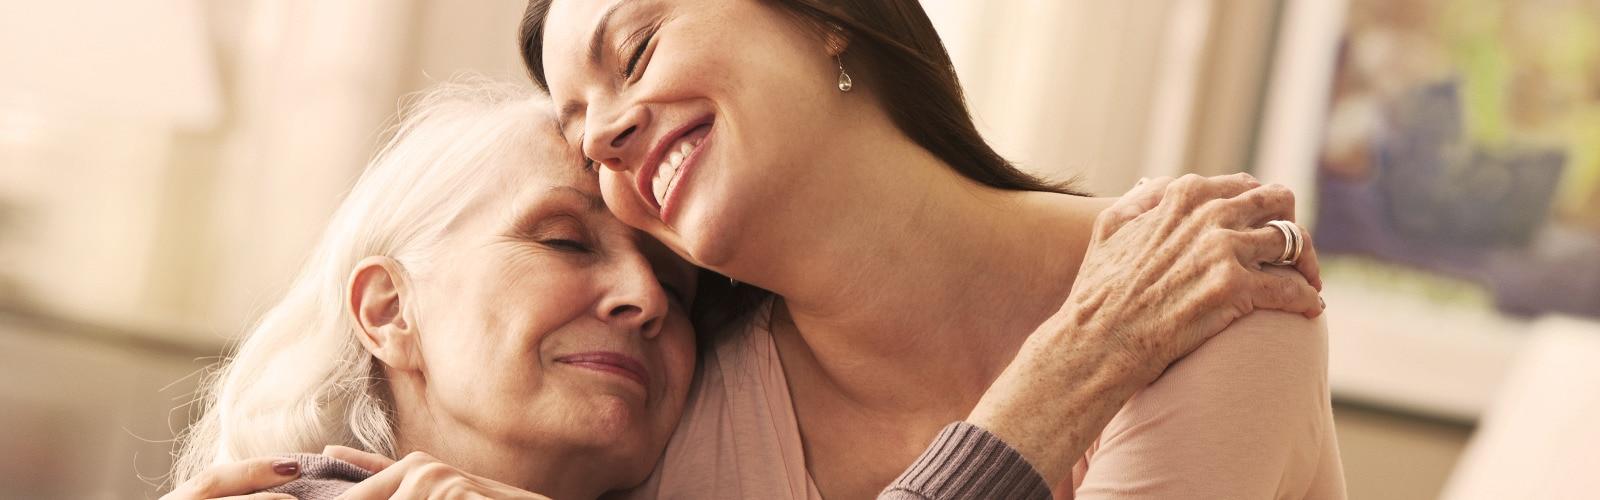 Una donna giovane abbraccia una donna più anziana – Gestire il peggioramento delle condizioni di salute di una persona cara